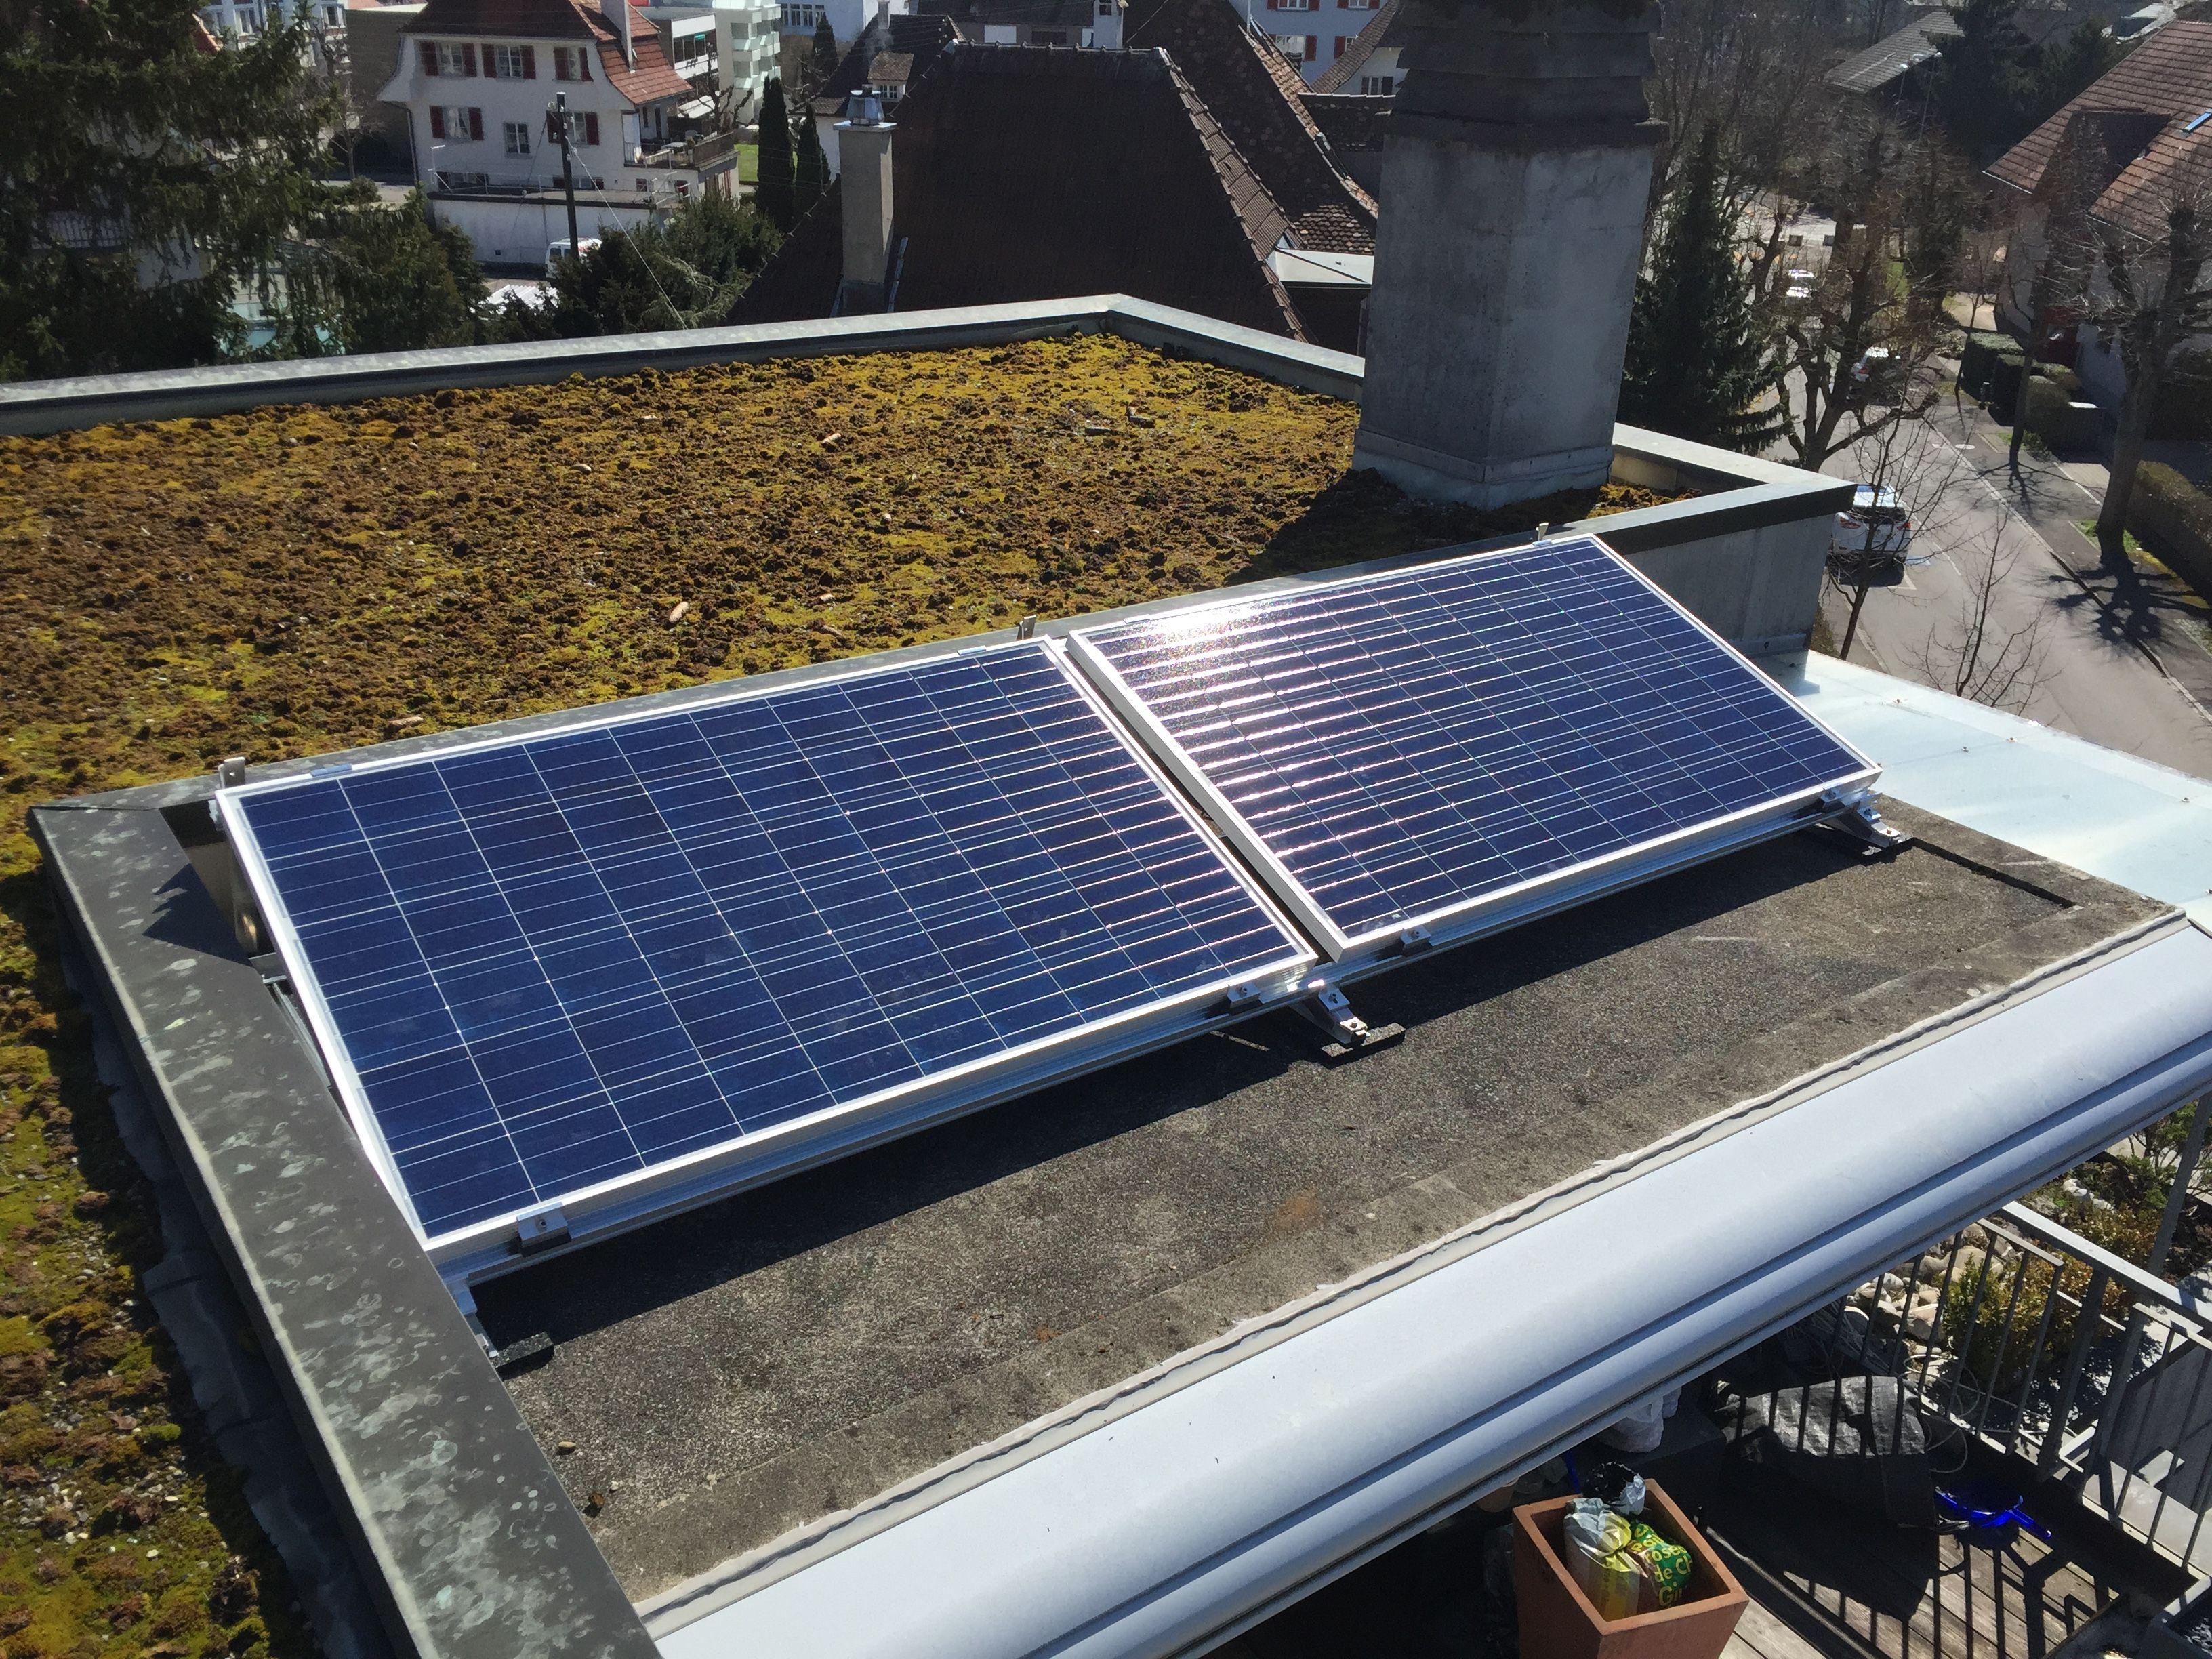 minisolarkraftwerk auf der dachterrasse solaranlage selber bauen pinterest dachterrassen. Black Bedroom Furniture Sets. Home Design Ideas